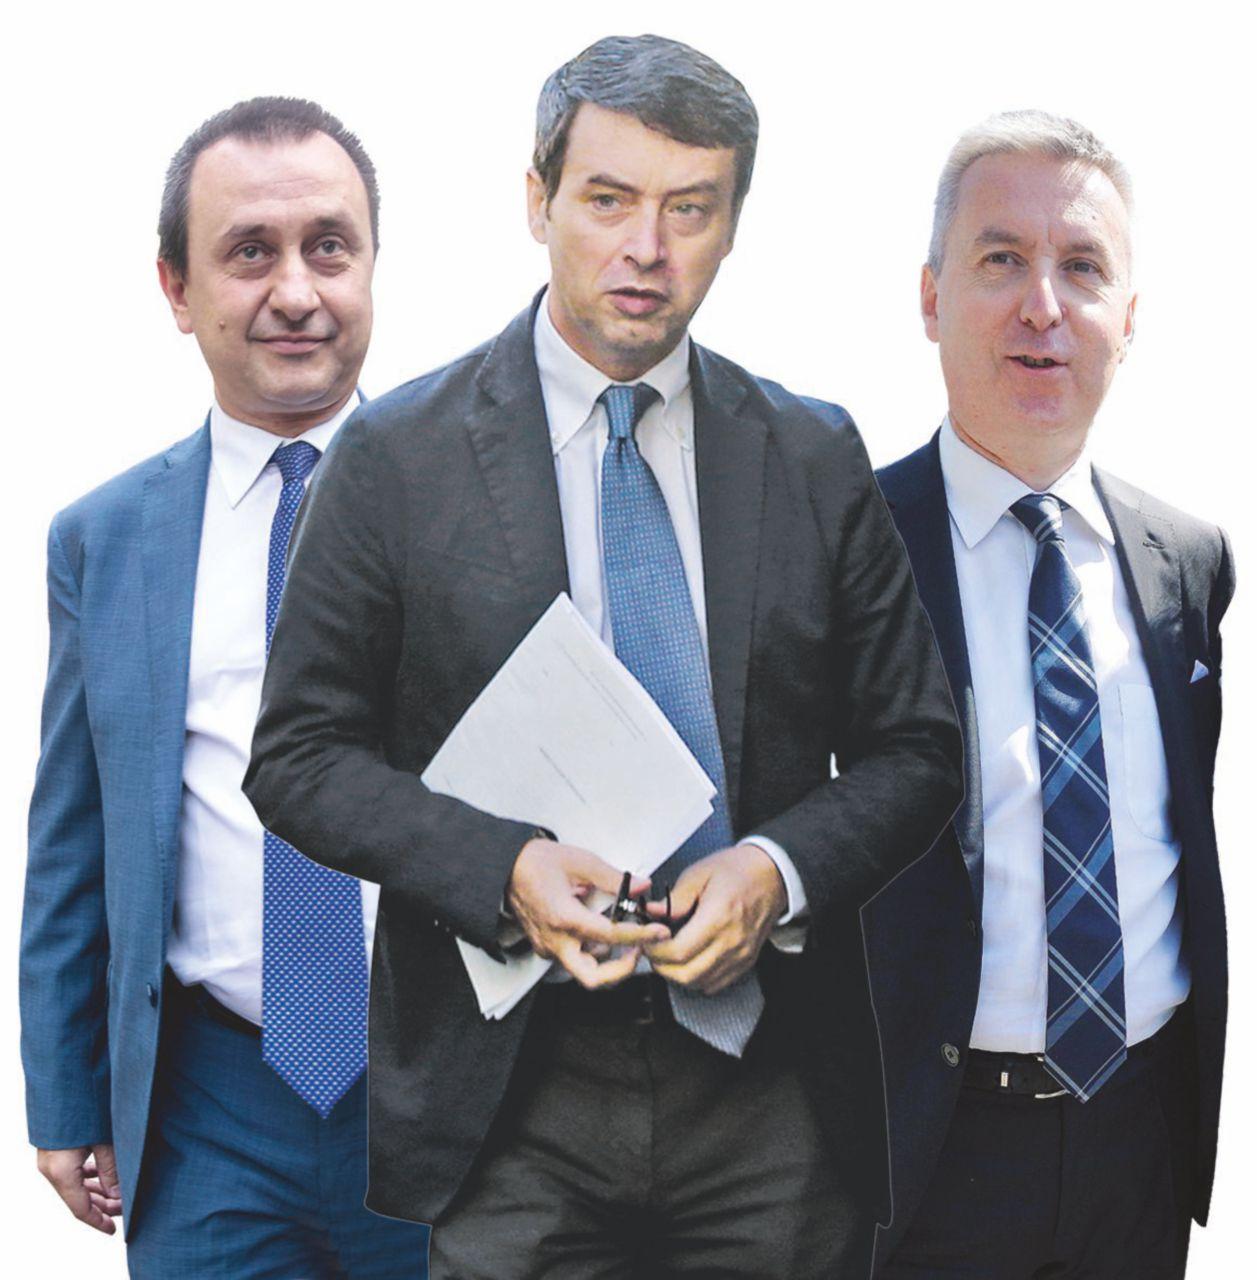 In Edicola sul Fatto Quotidiano del 3 luglio: Renzi vuol governare con B. all'insaputa degli elettori Pd